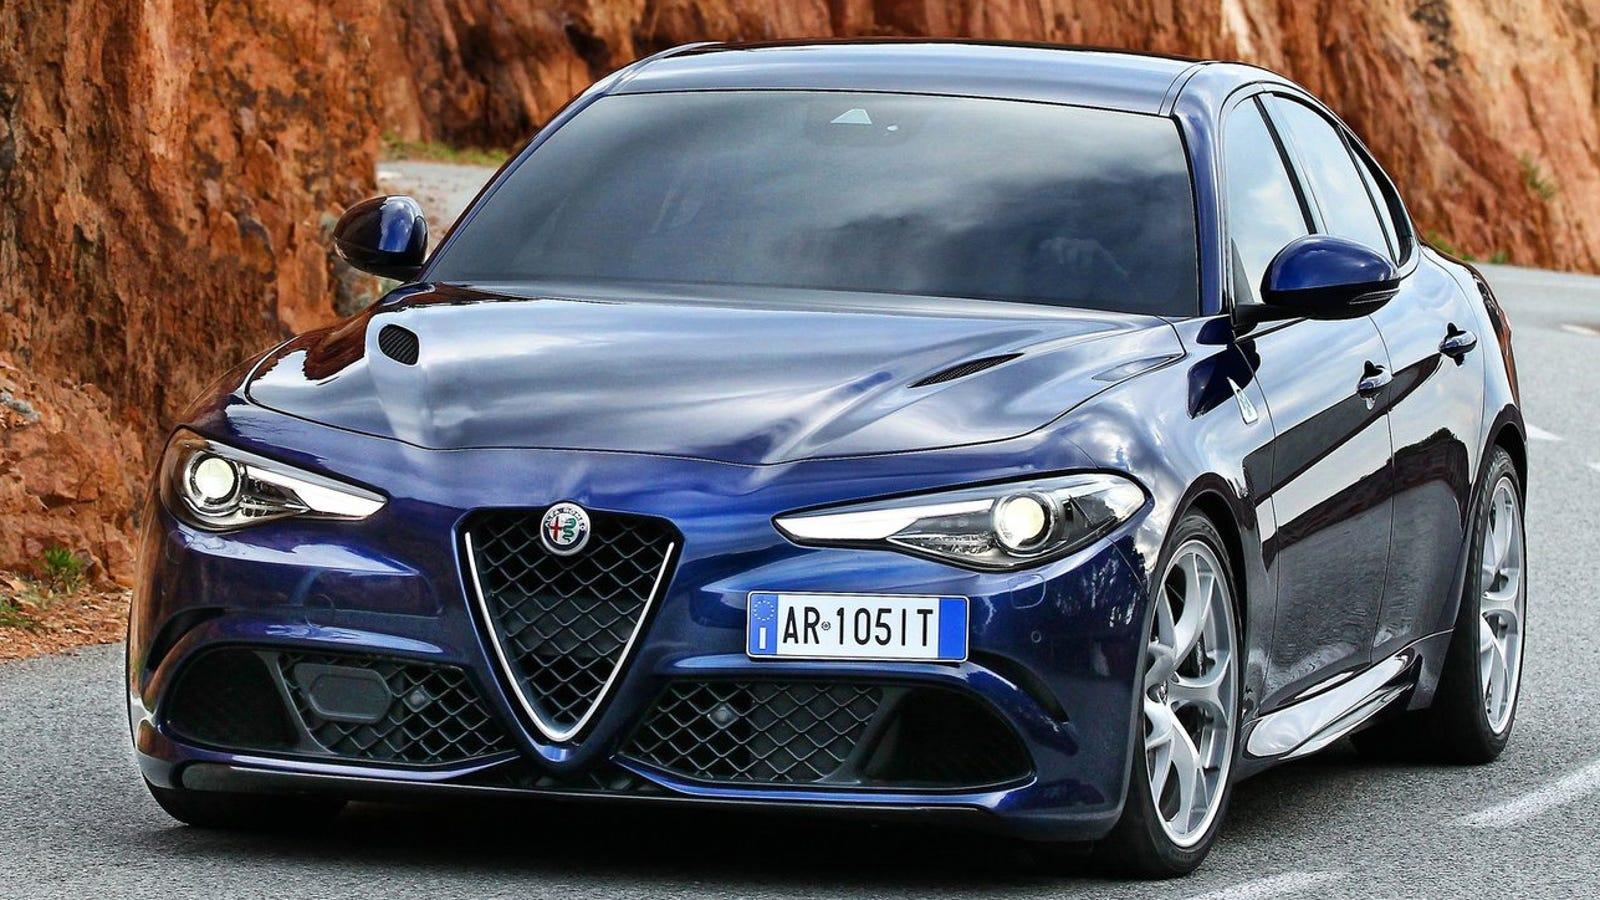 Alfa Romeo Sports Cars amp SUVs  Official Alfa Romeo Site